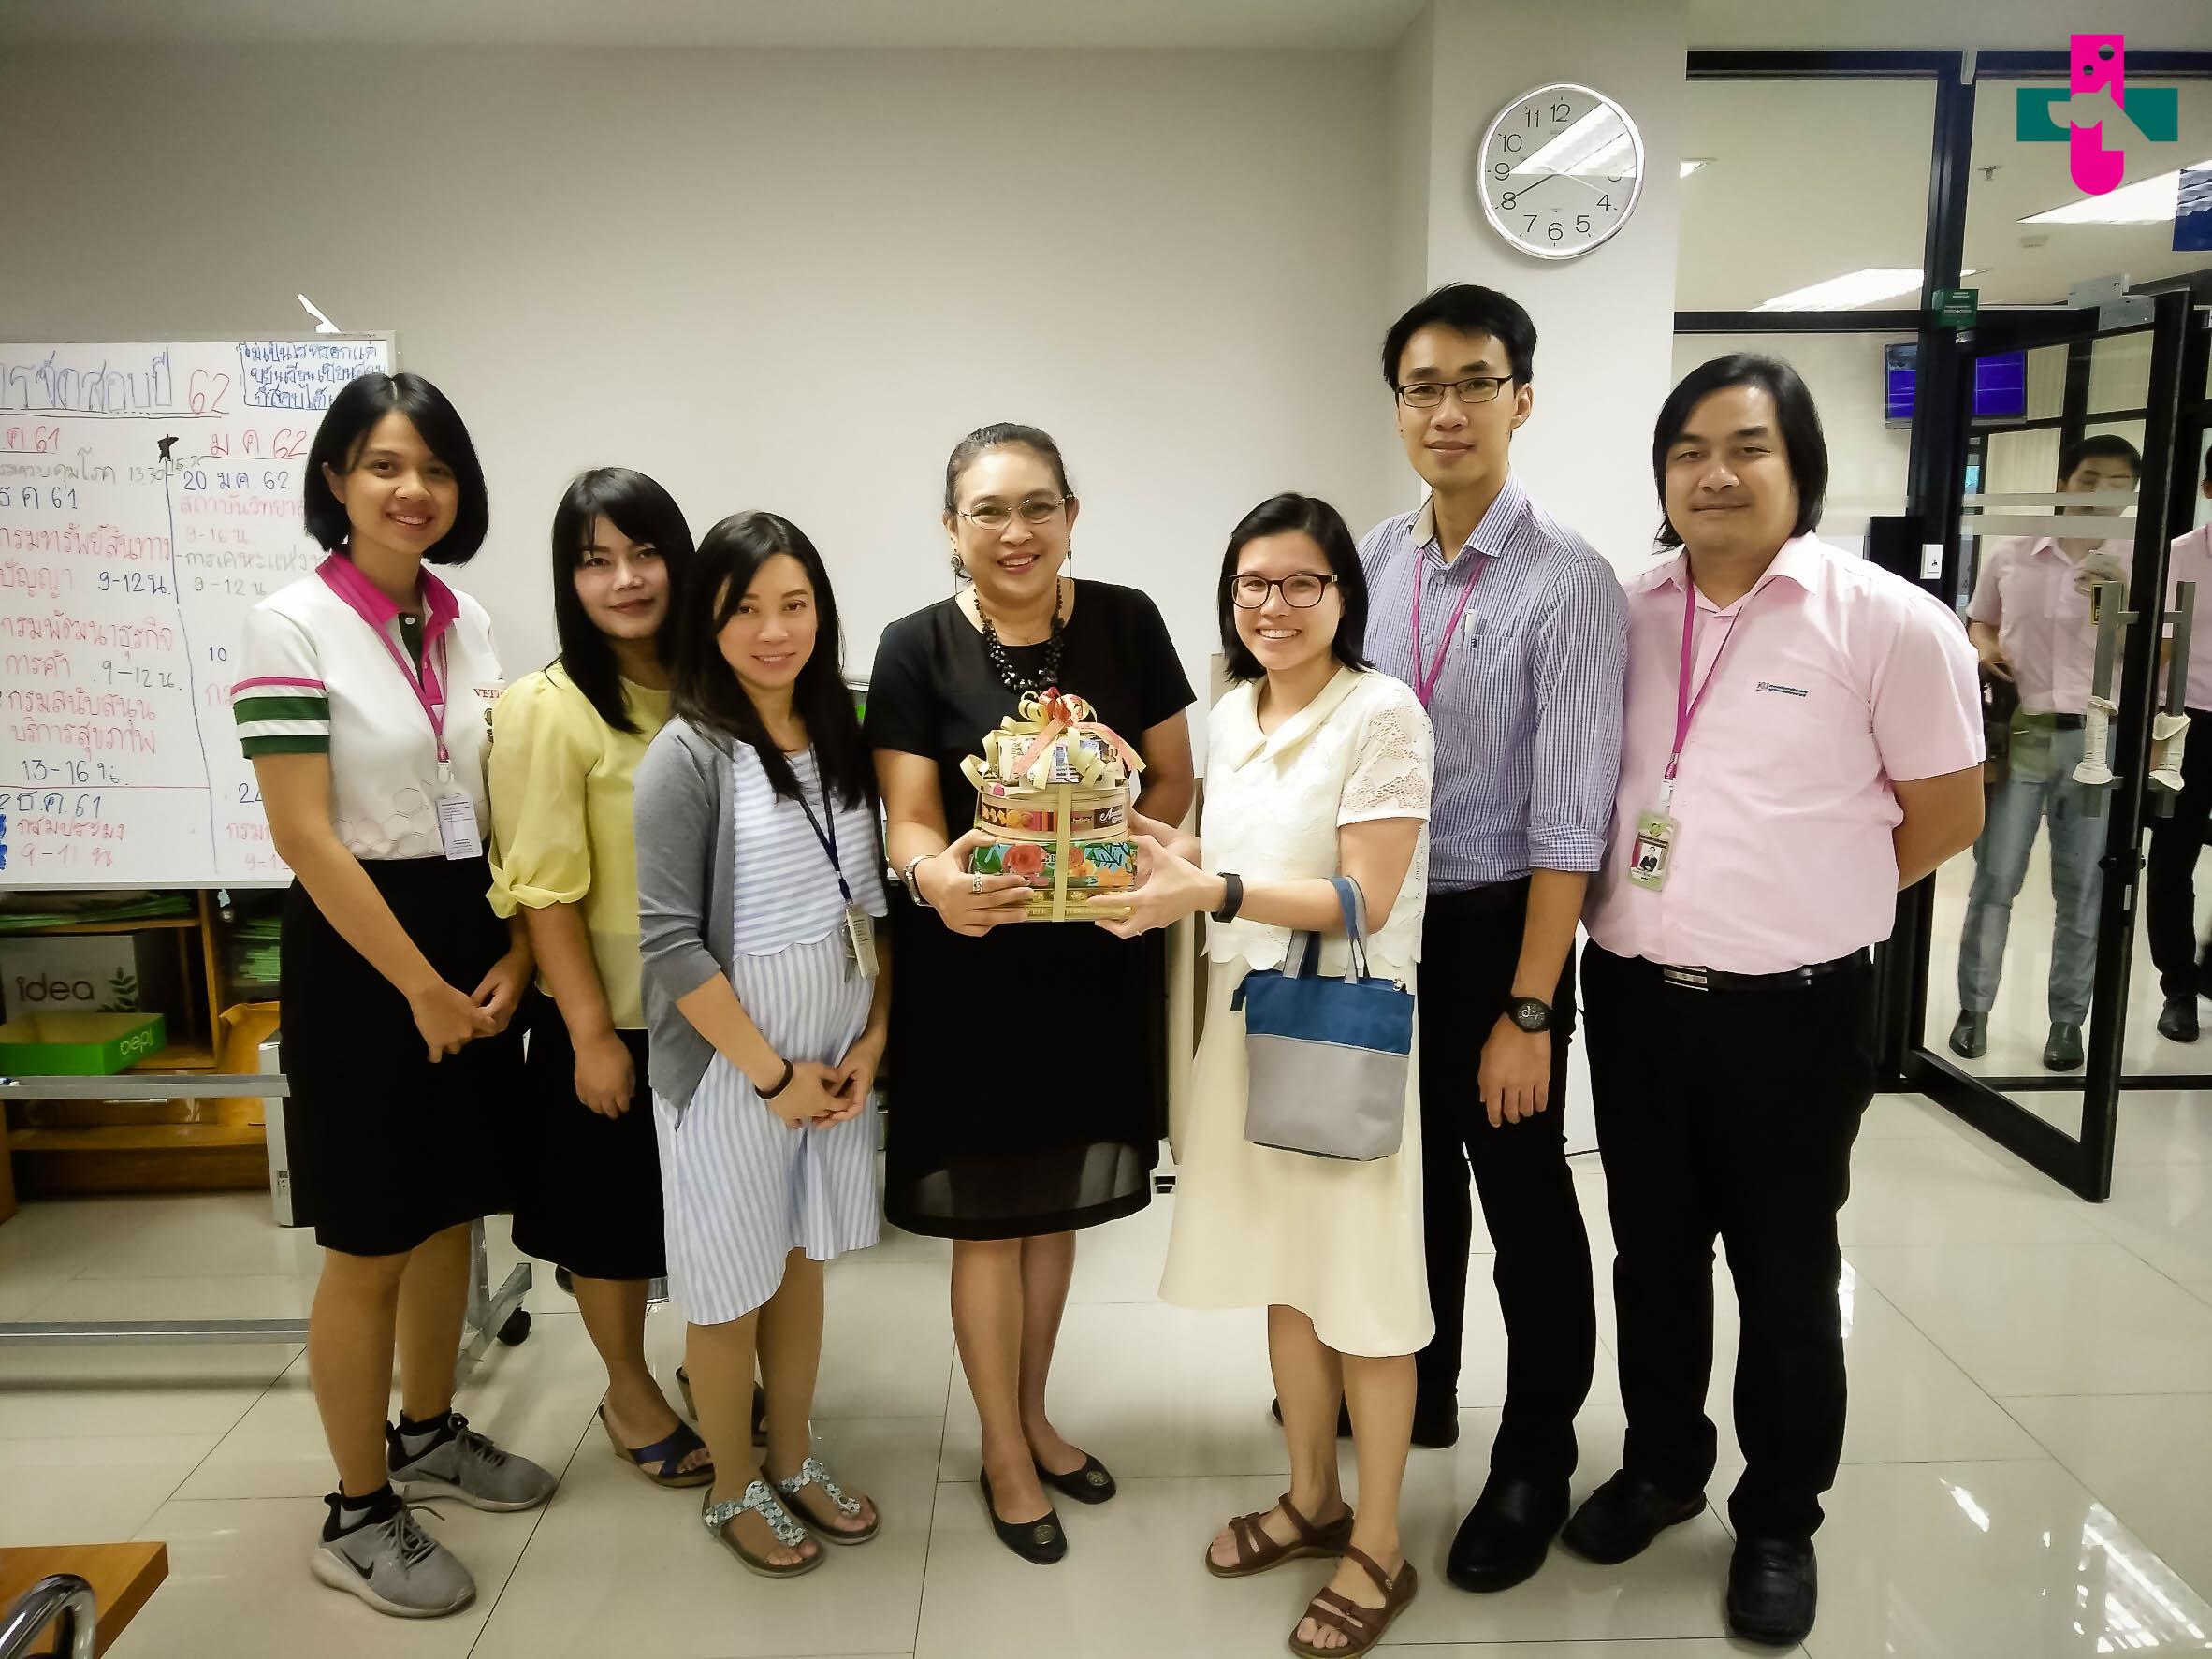 คณะกรรมการดำเนินงานโครงการฯเข้าพบเพื่อหารือเรื่องการเรียนการสอน และสวัสดีปีใหม่ พ.ศ. 2562 หน่วยงานต่างๆ